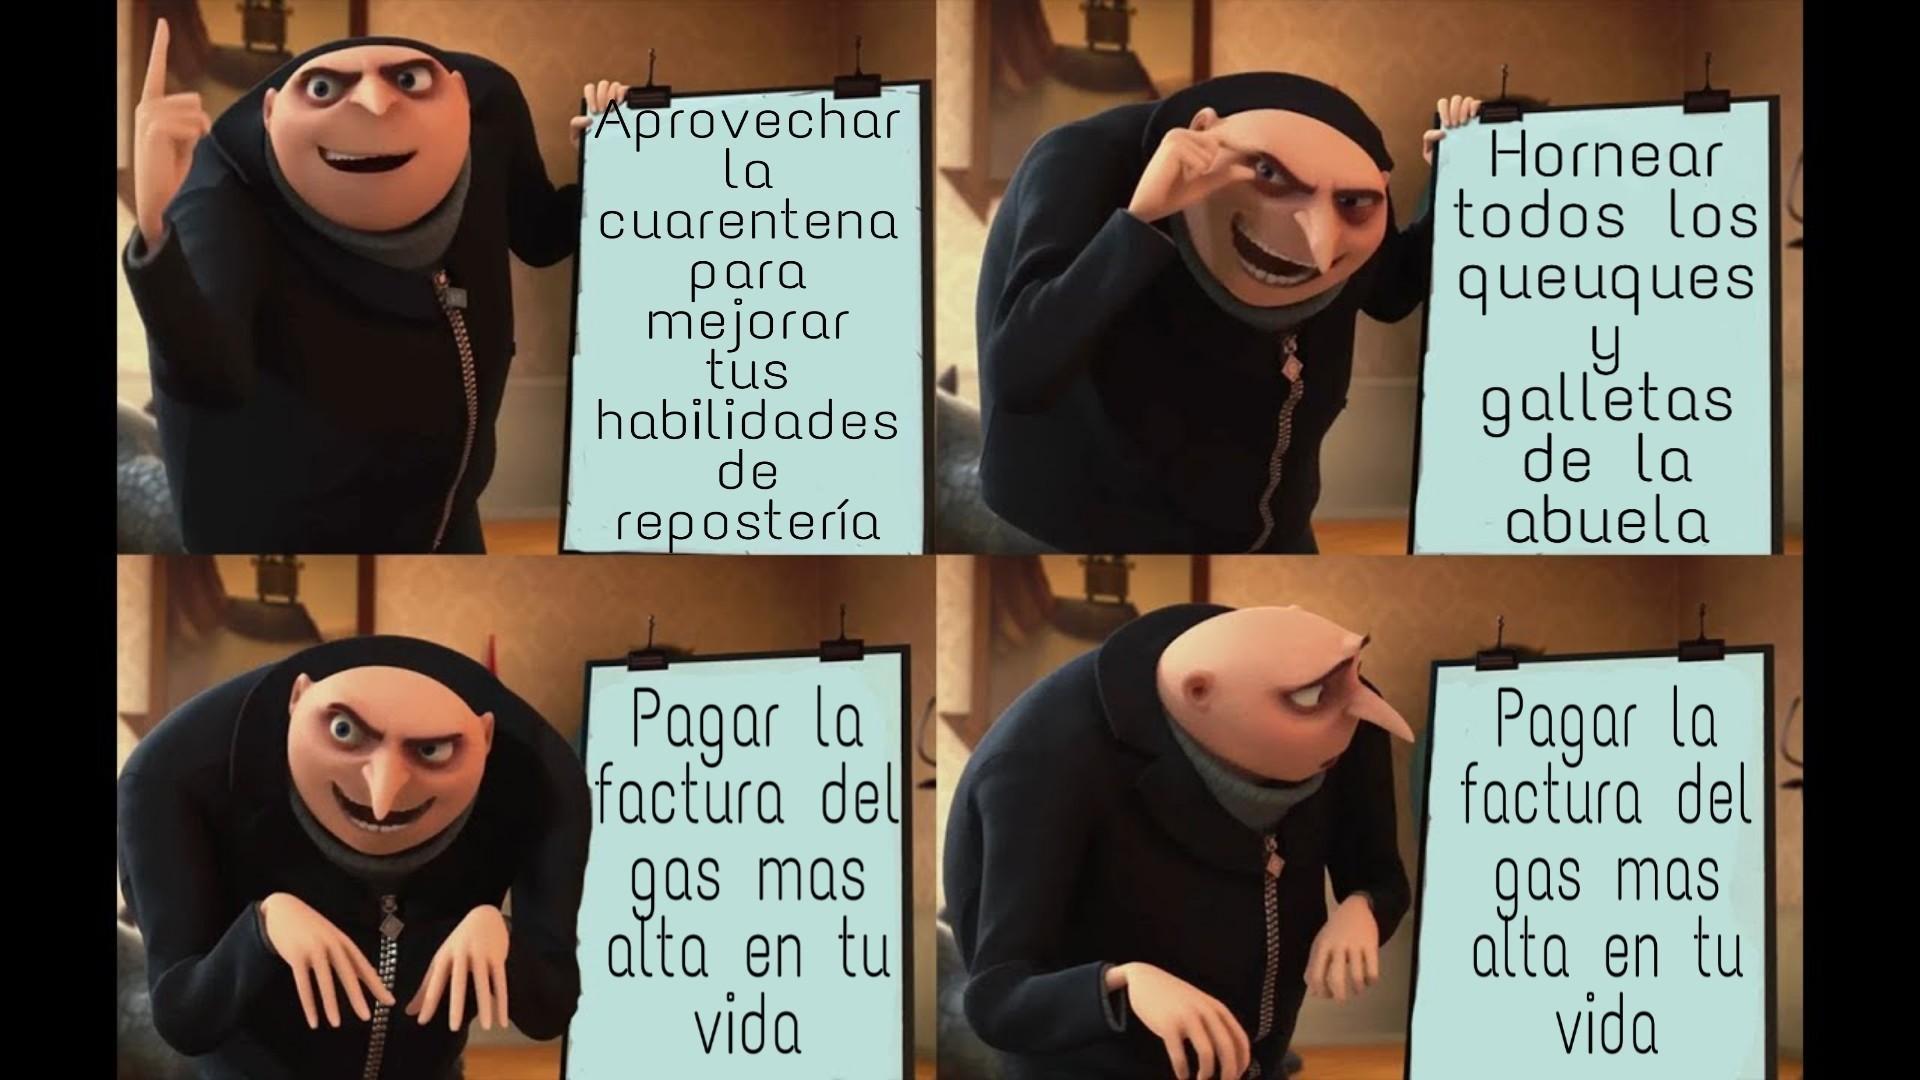 Triste destino - meme